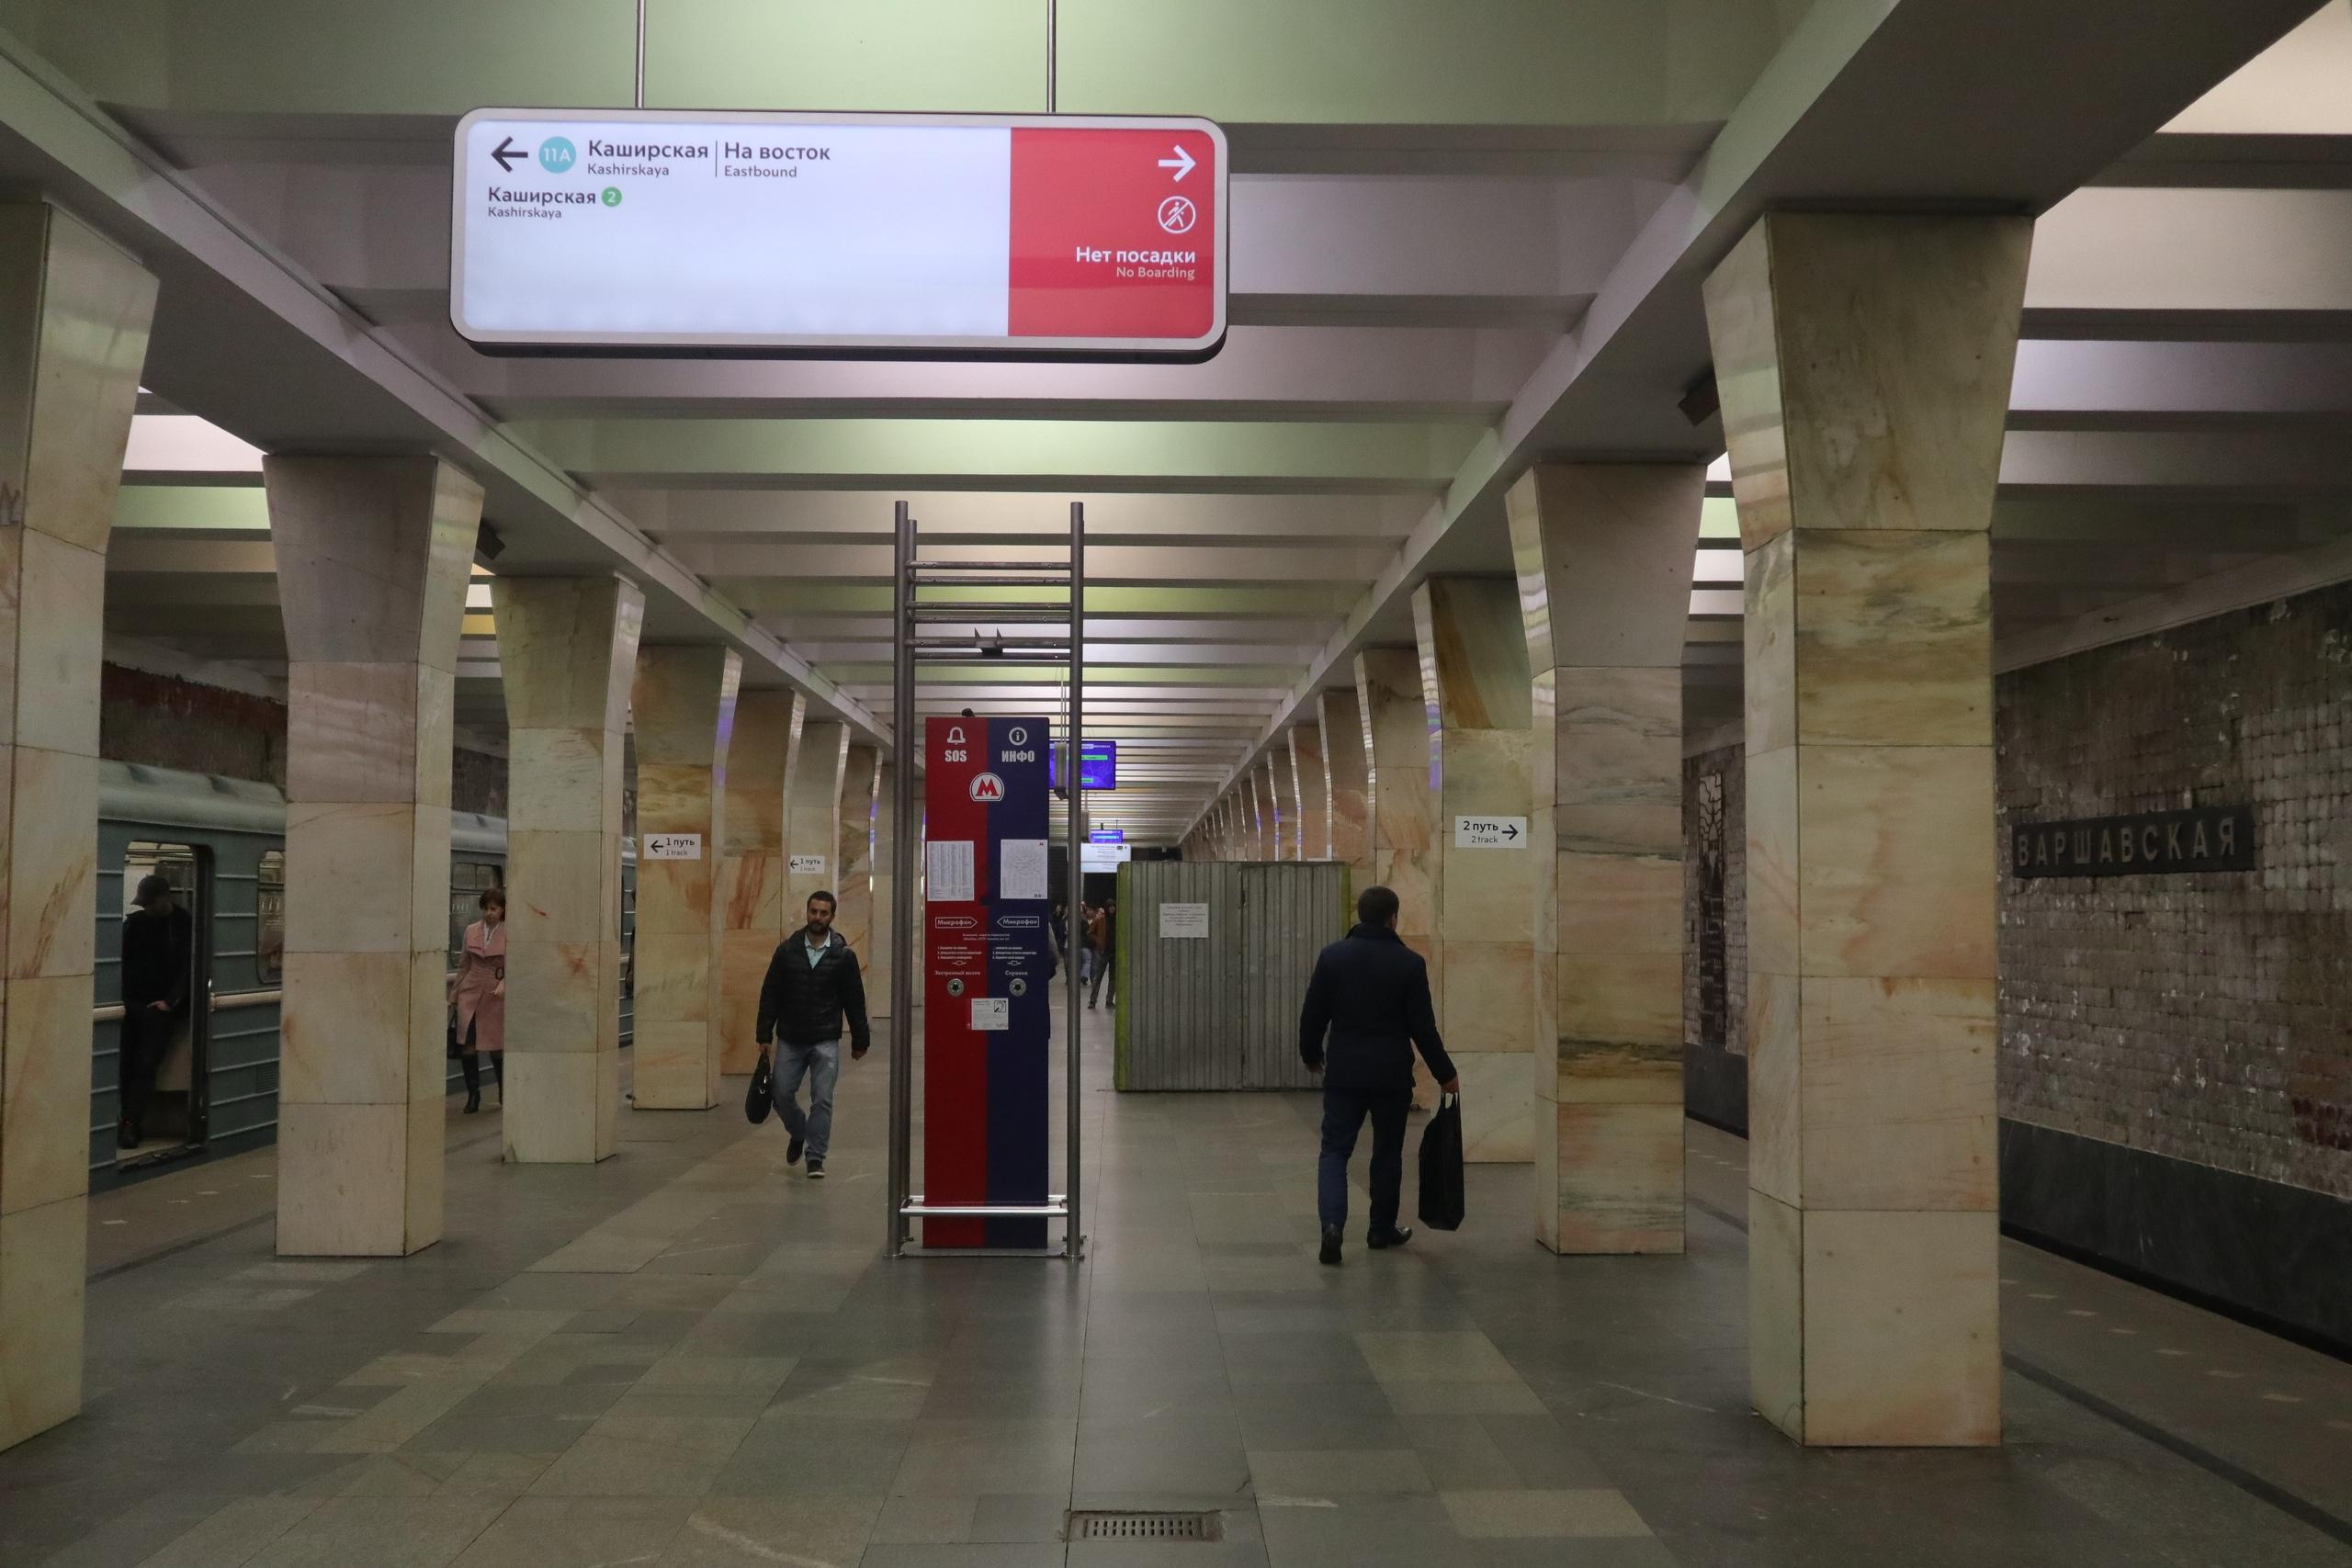 Была в Московском метро такая линия - Каховская